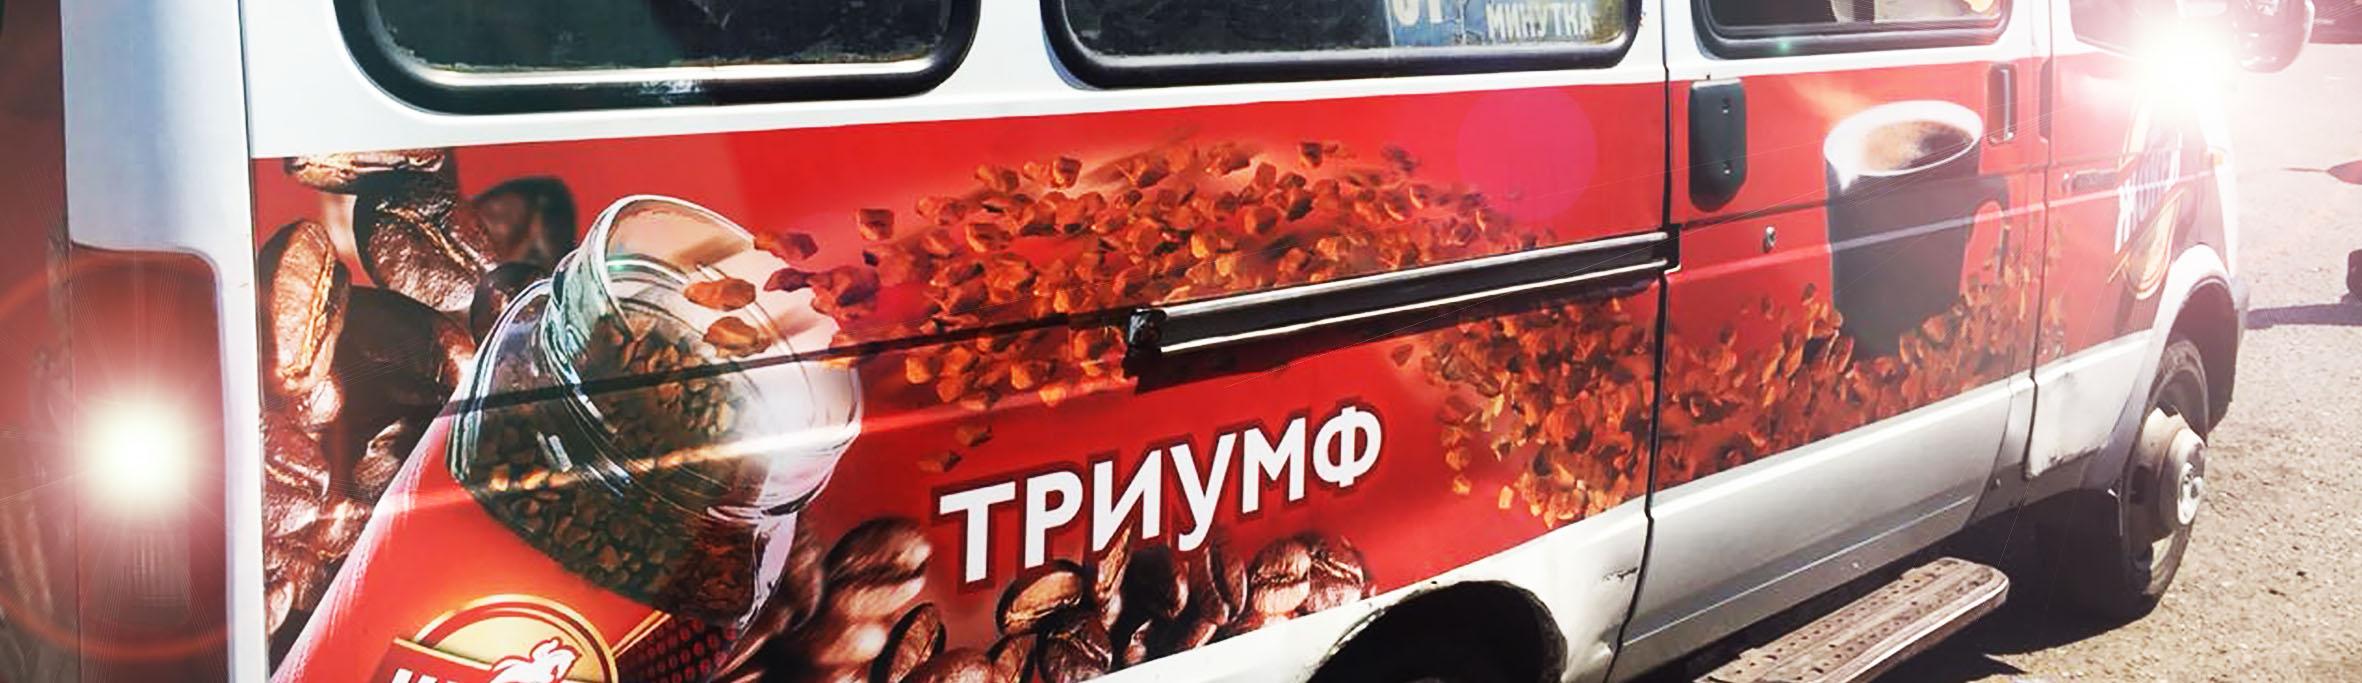 Реклама на транспорте в Баксане КБР